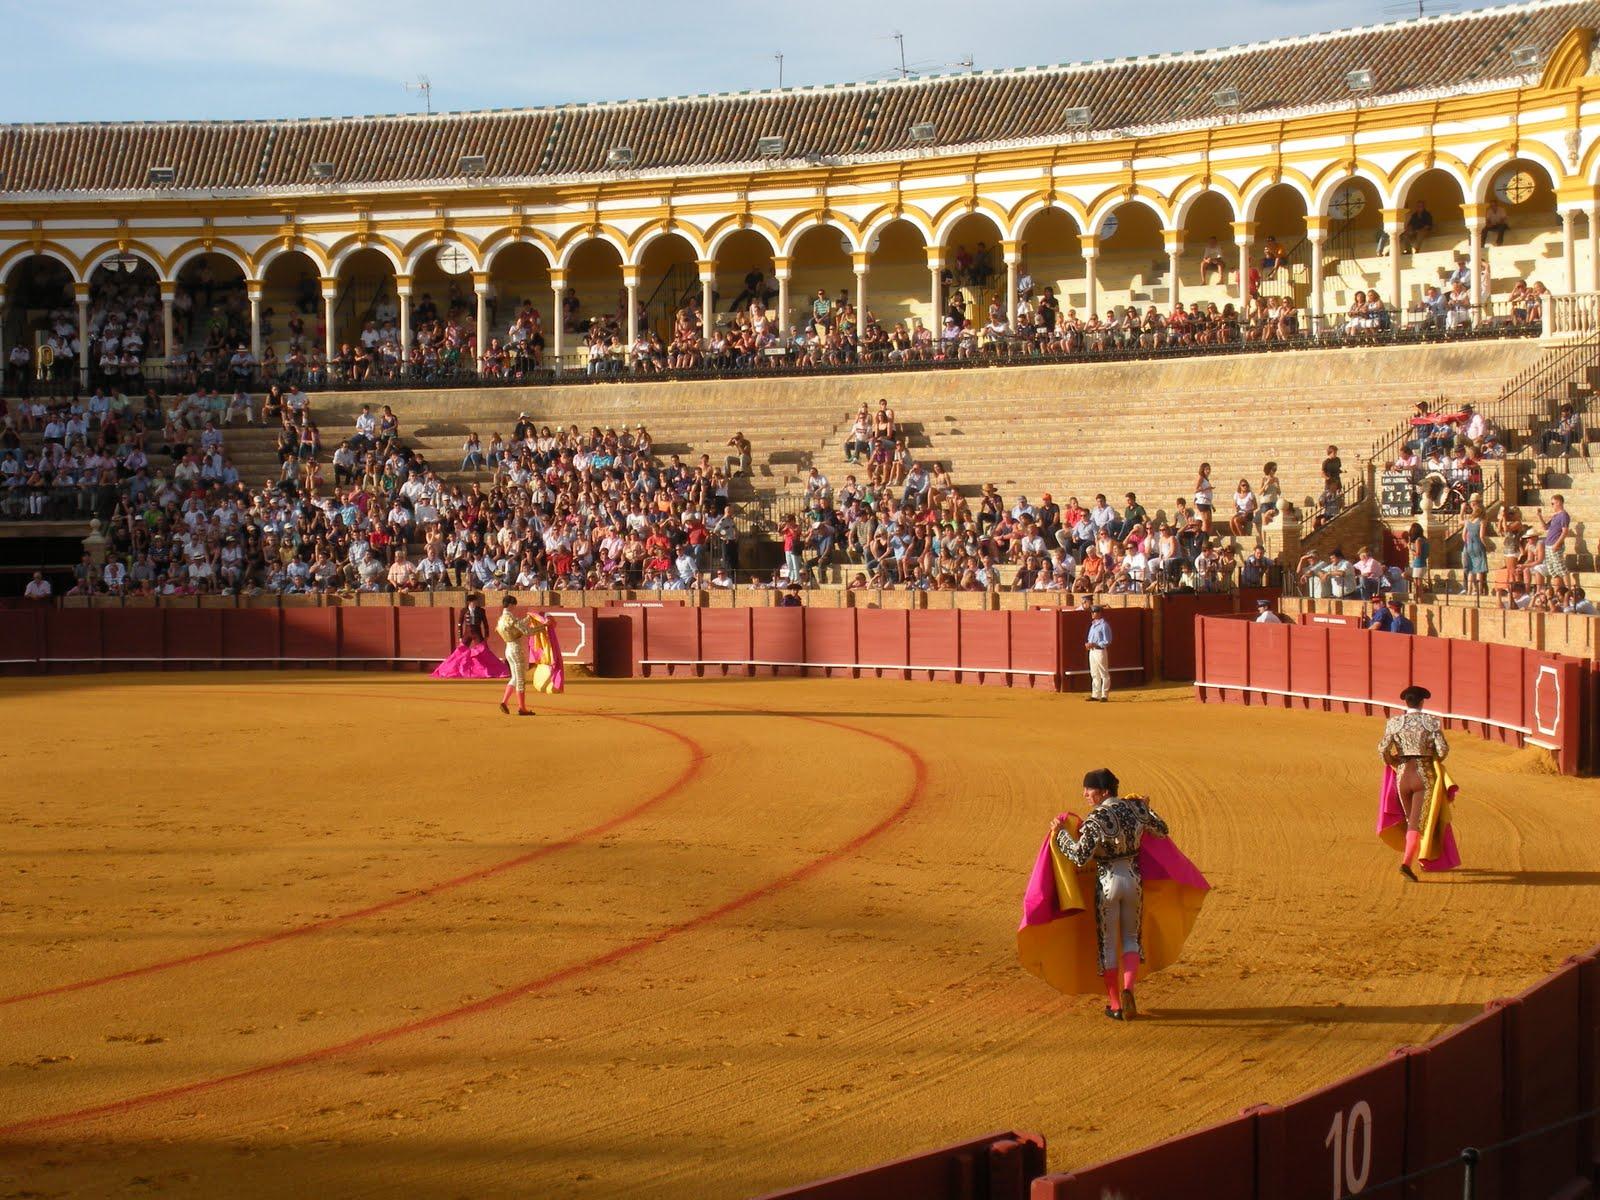 Plaza de Toros de la Maestranza, sevilla에 대한 이미지 검색결과